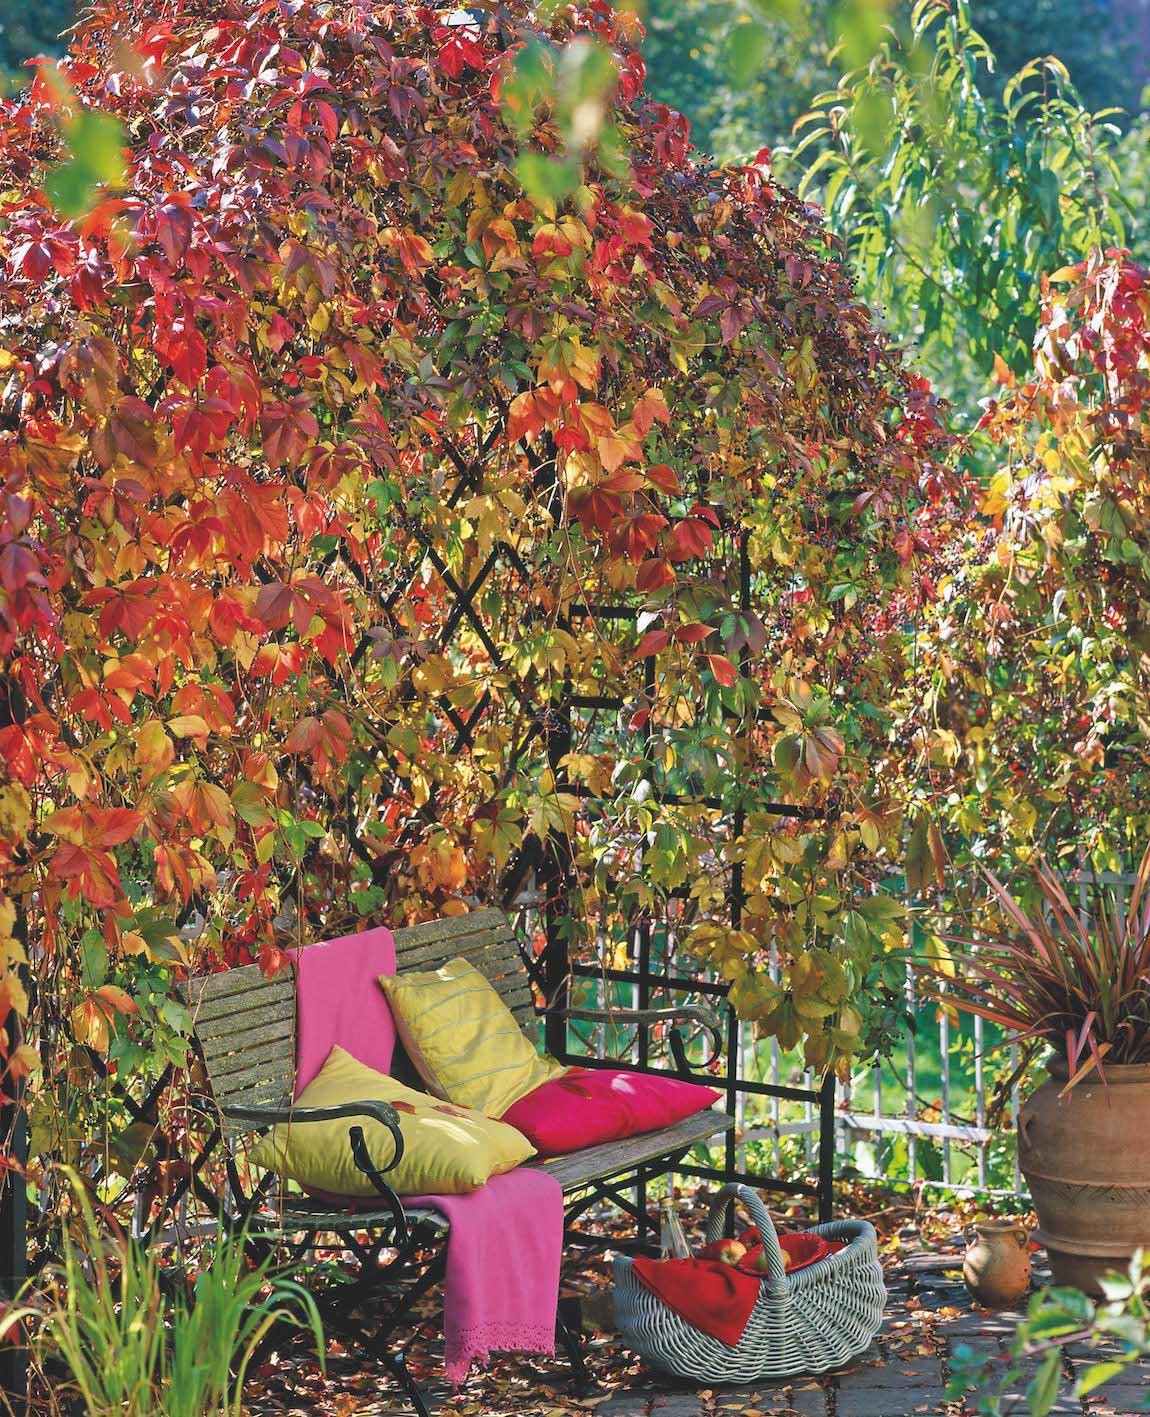 Viktorianische-Rosenlaube Laube mit Parthenocissus quinquefolia